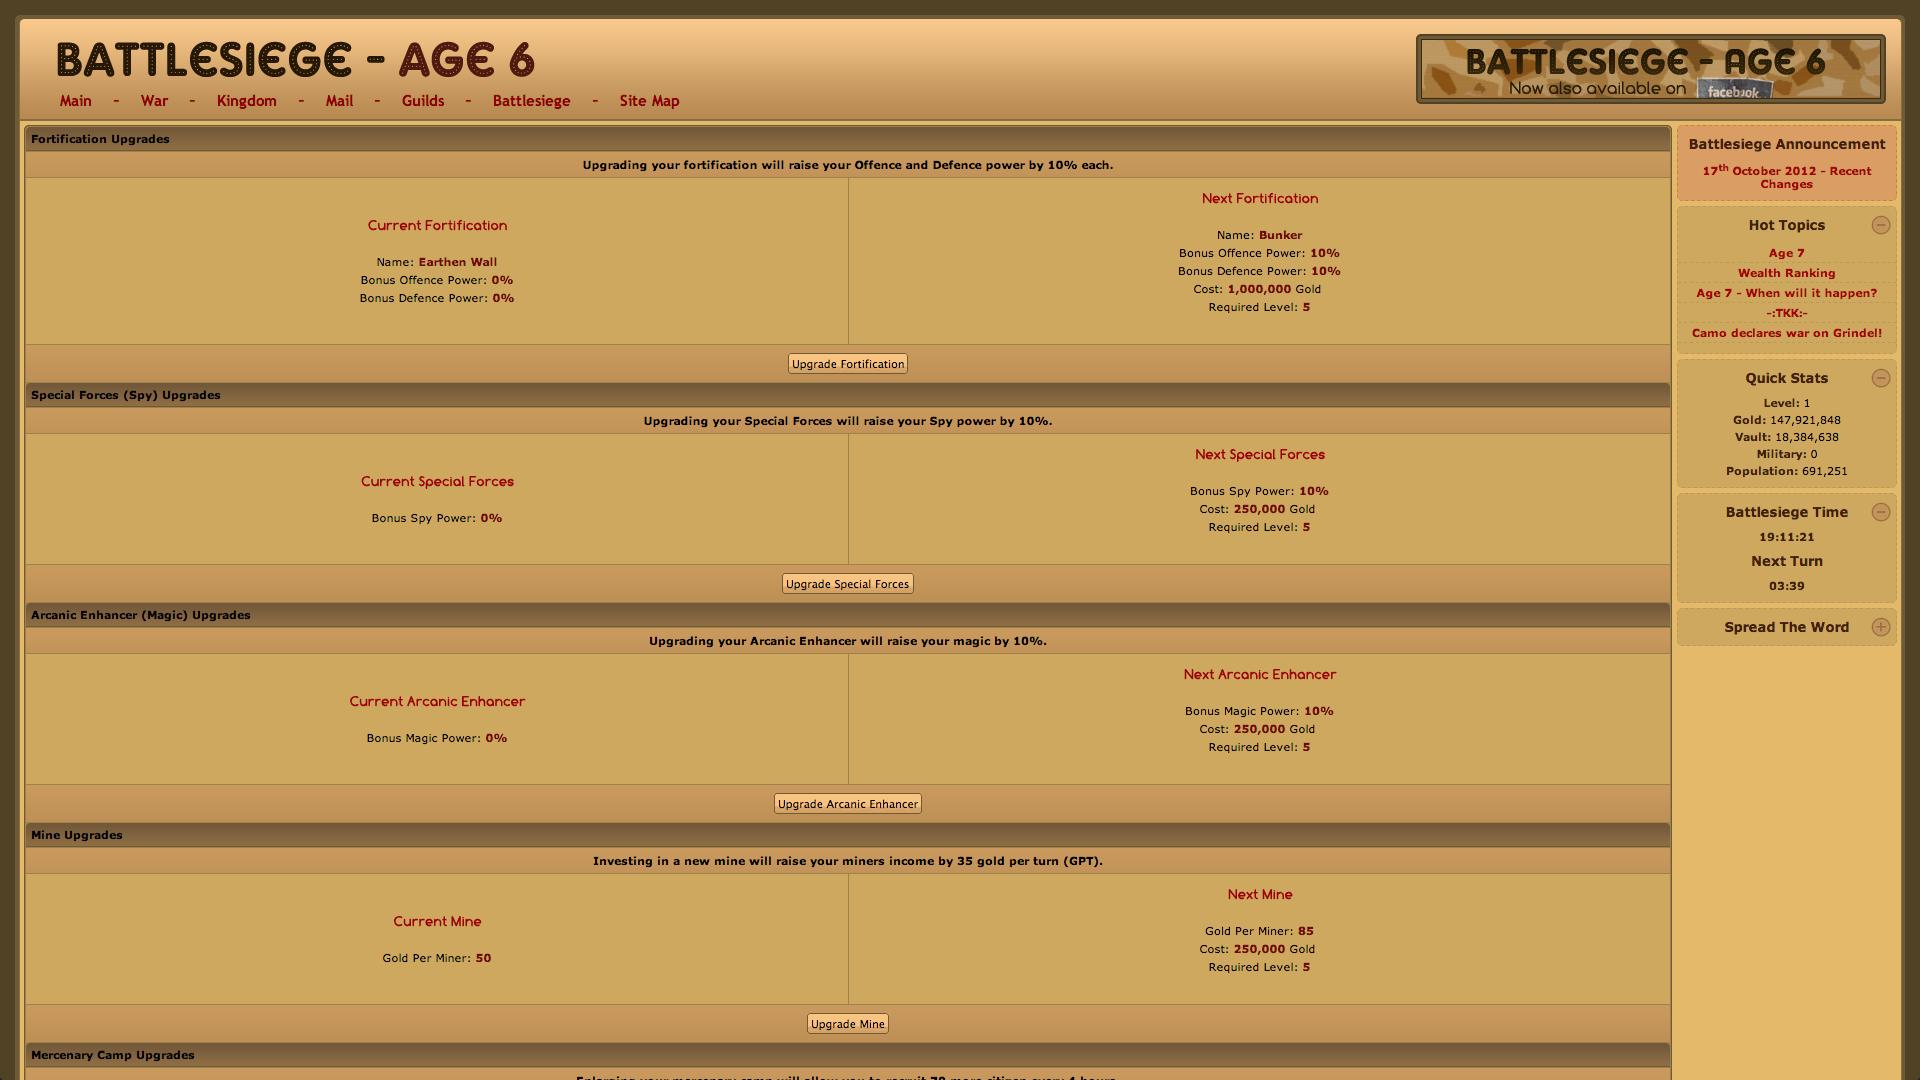 Battlesiege-Upgrades